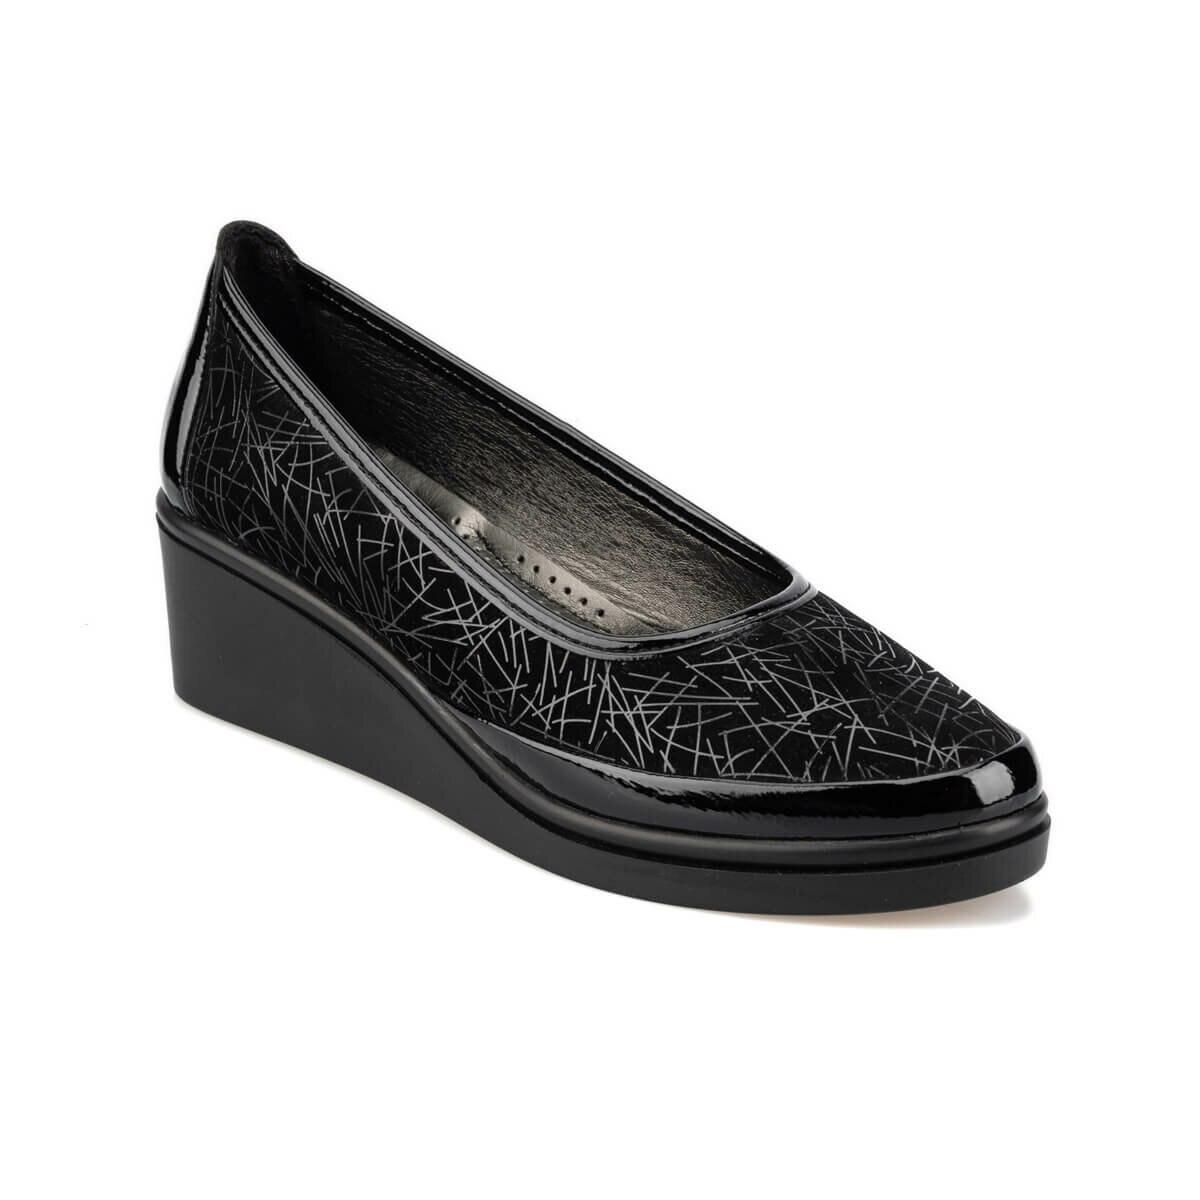 FLO 92.151038SZ Black Women 'S Wedges Shoes Polaris